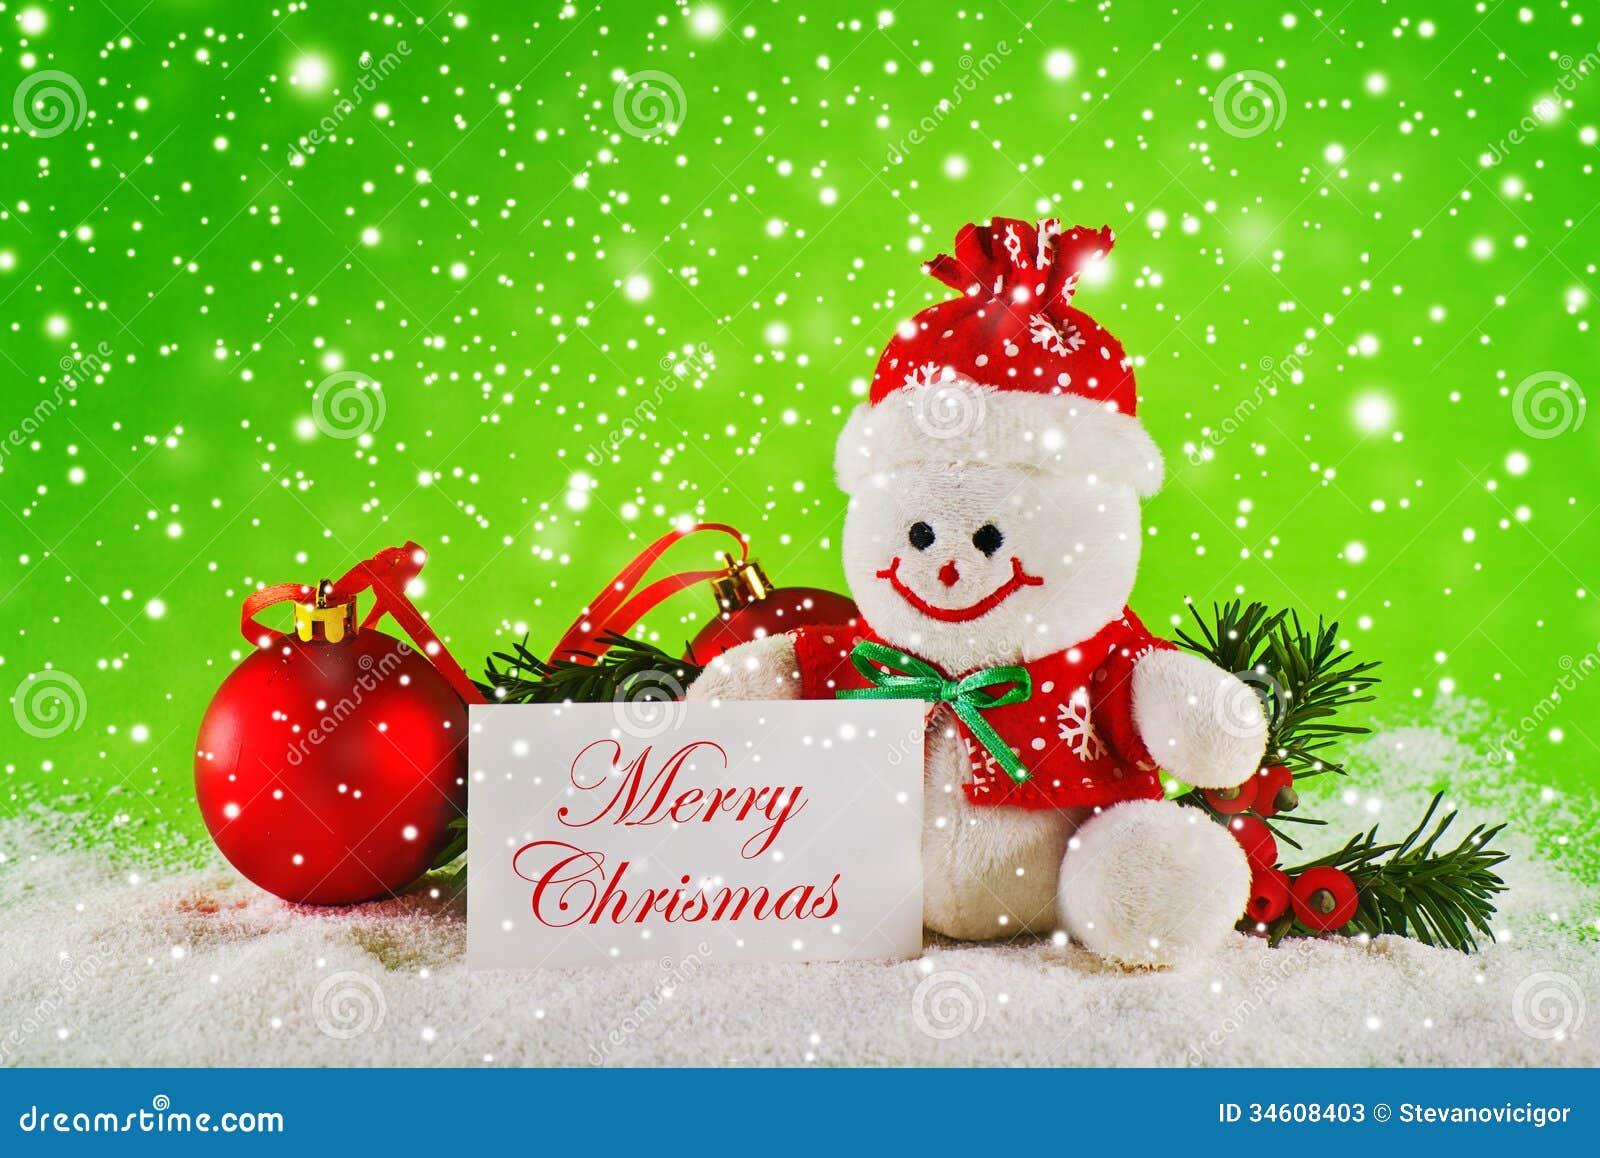 Merry Christmas. Christmas Balls And Wool Snowman Stock Image ...